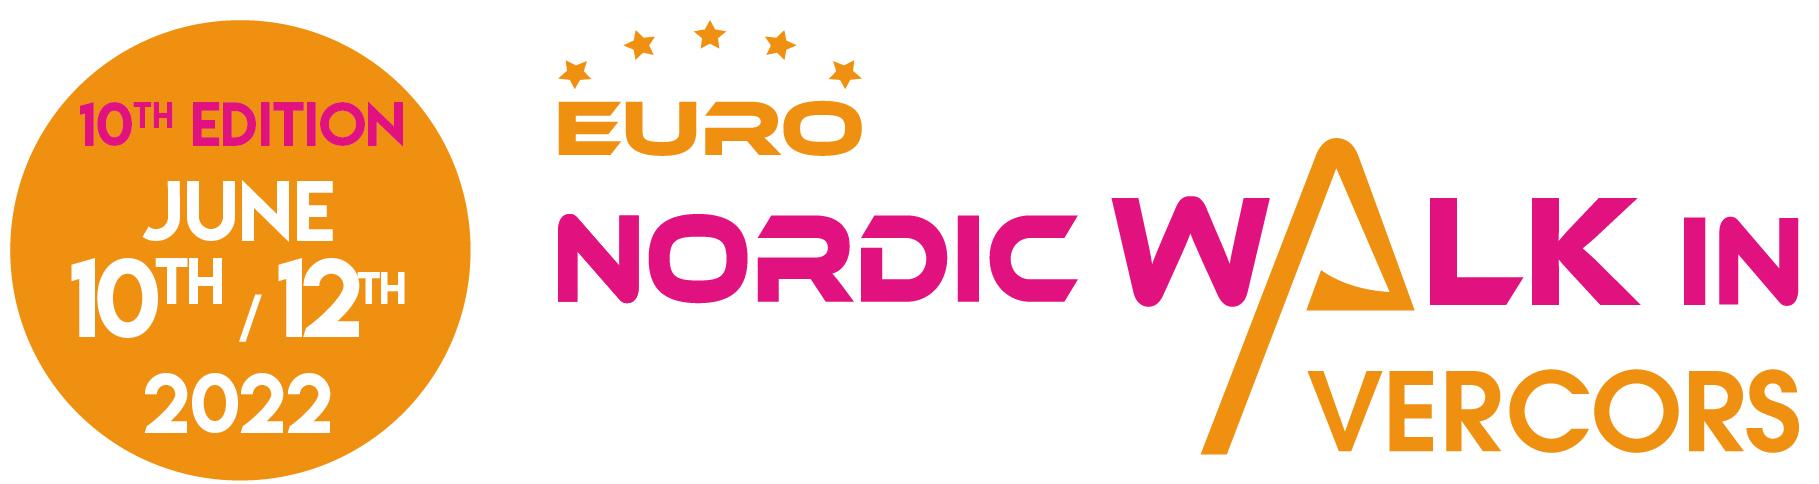 EuroNordicWalk'Vercors